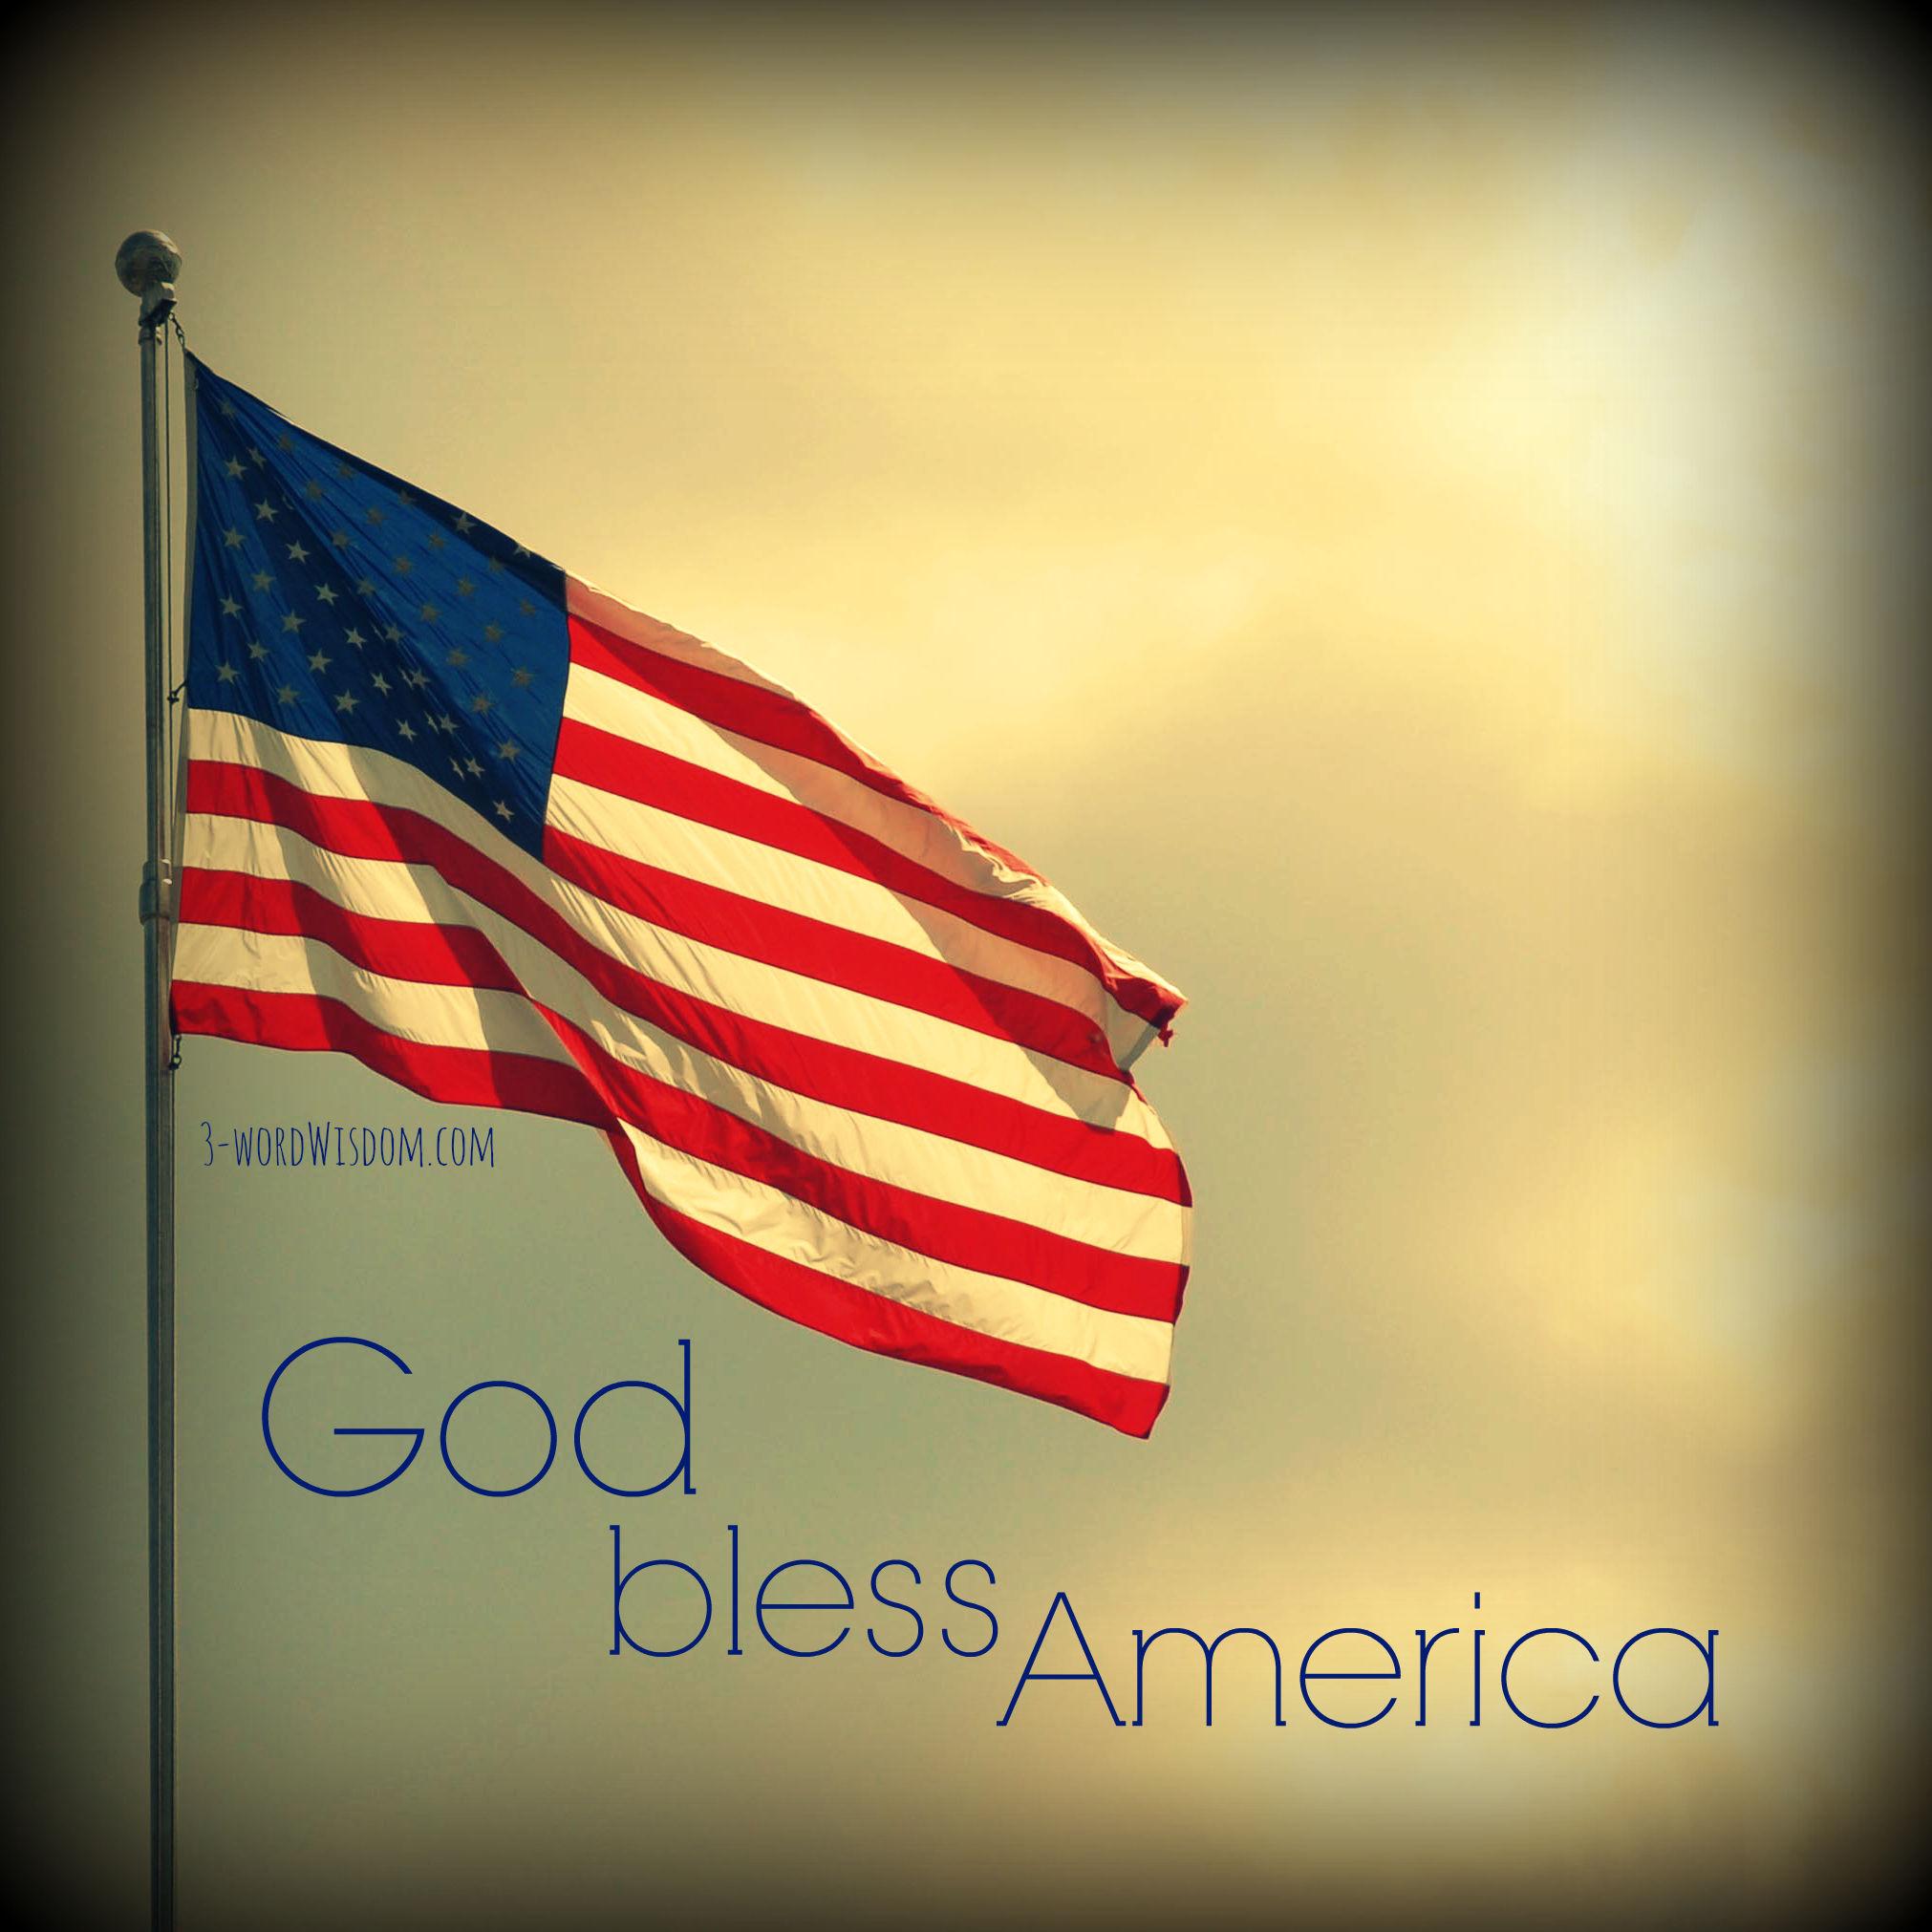 Good Morning God Bless You God Bless America Pict...